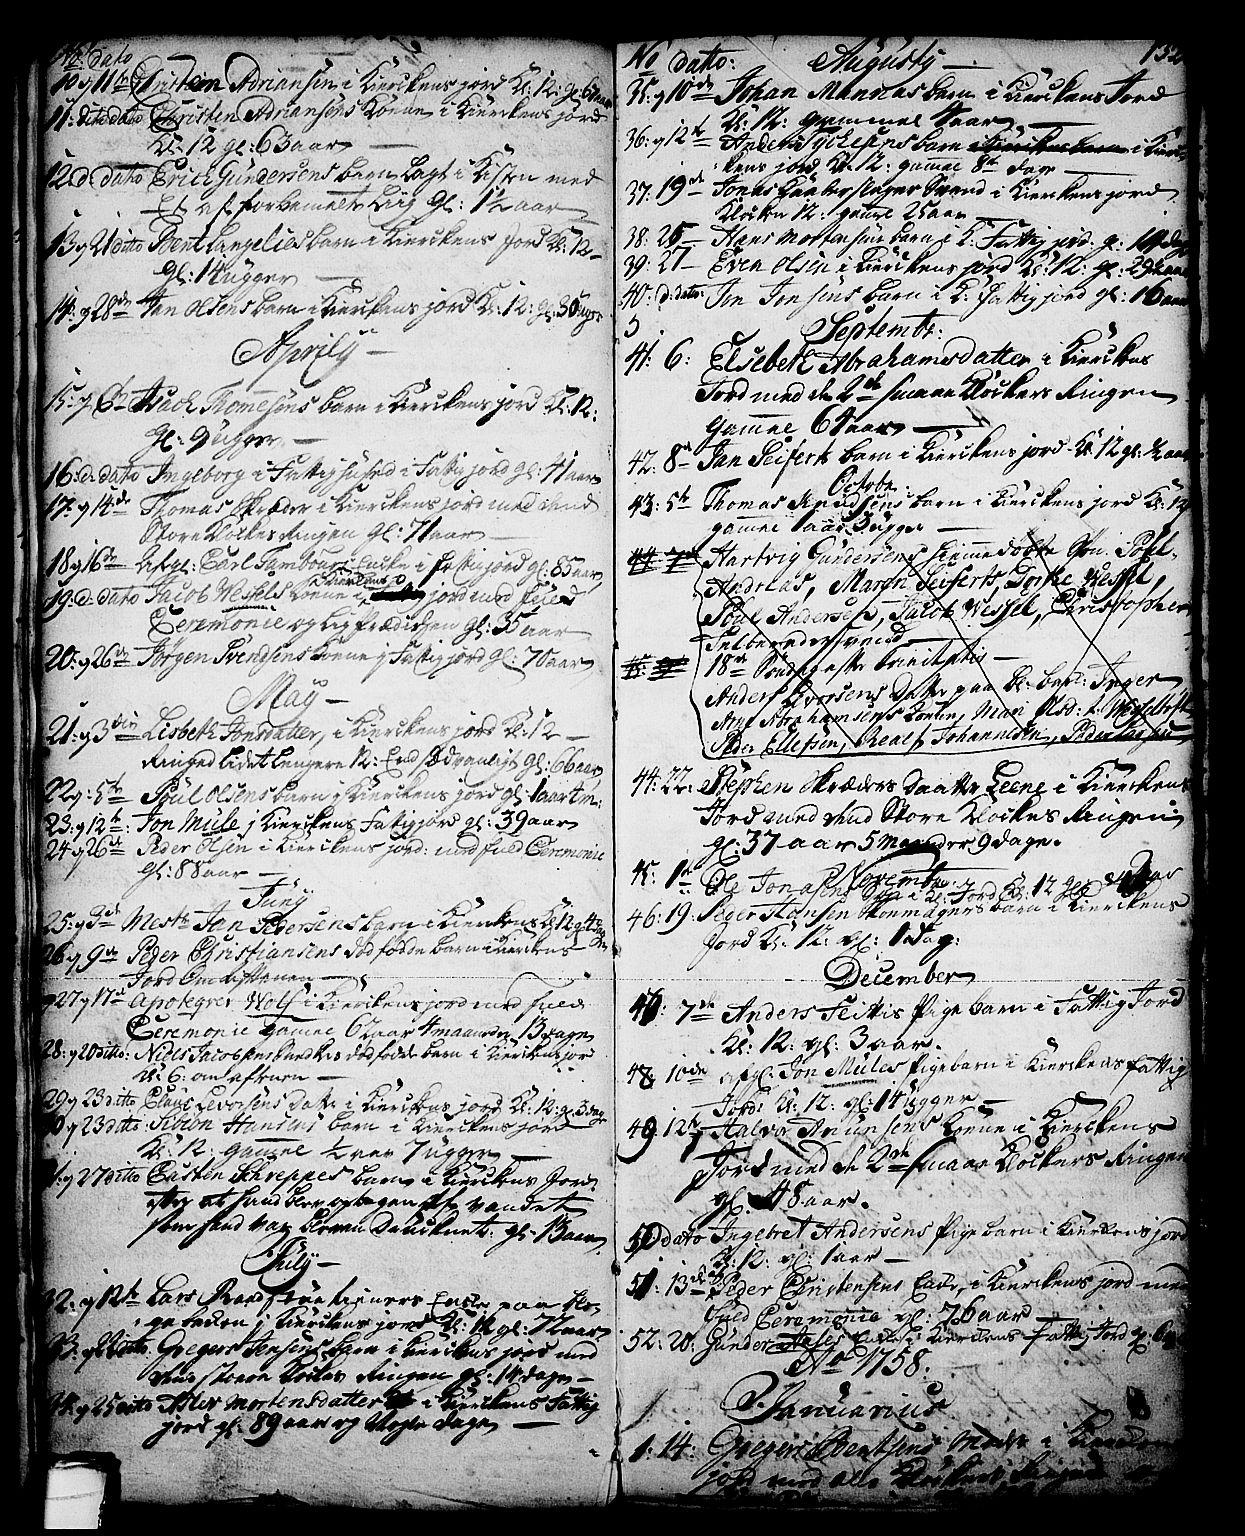 SAKO, Skien kirkebøker, G/Ga/L0001: Klokkerbok nr. 1, 1756-1791, s. 132